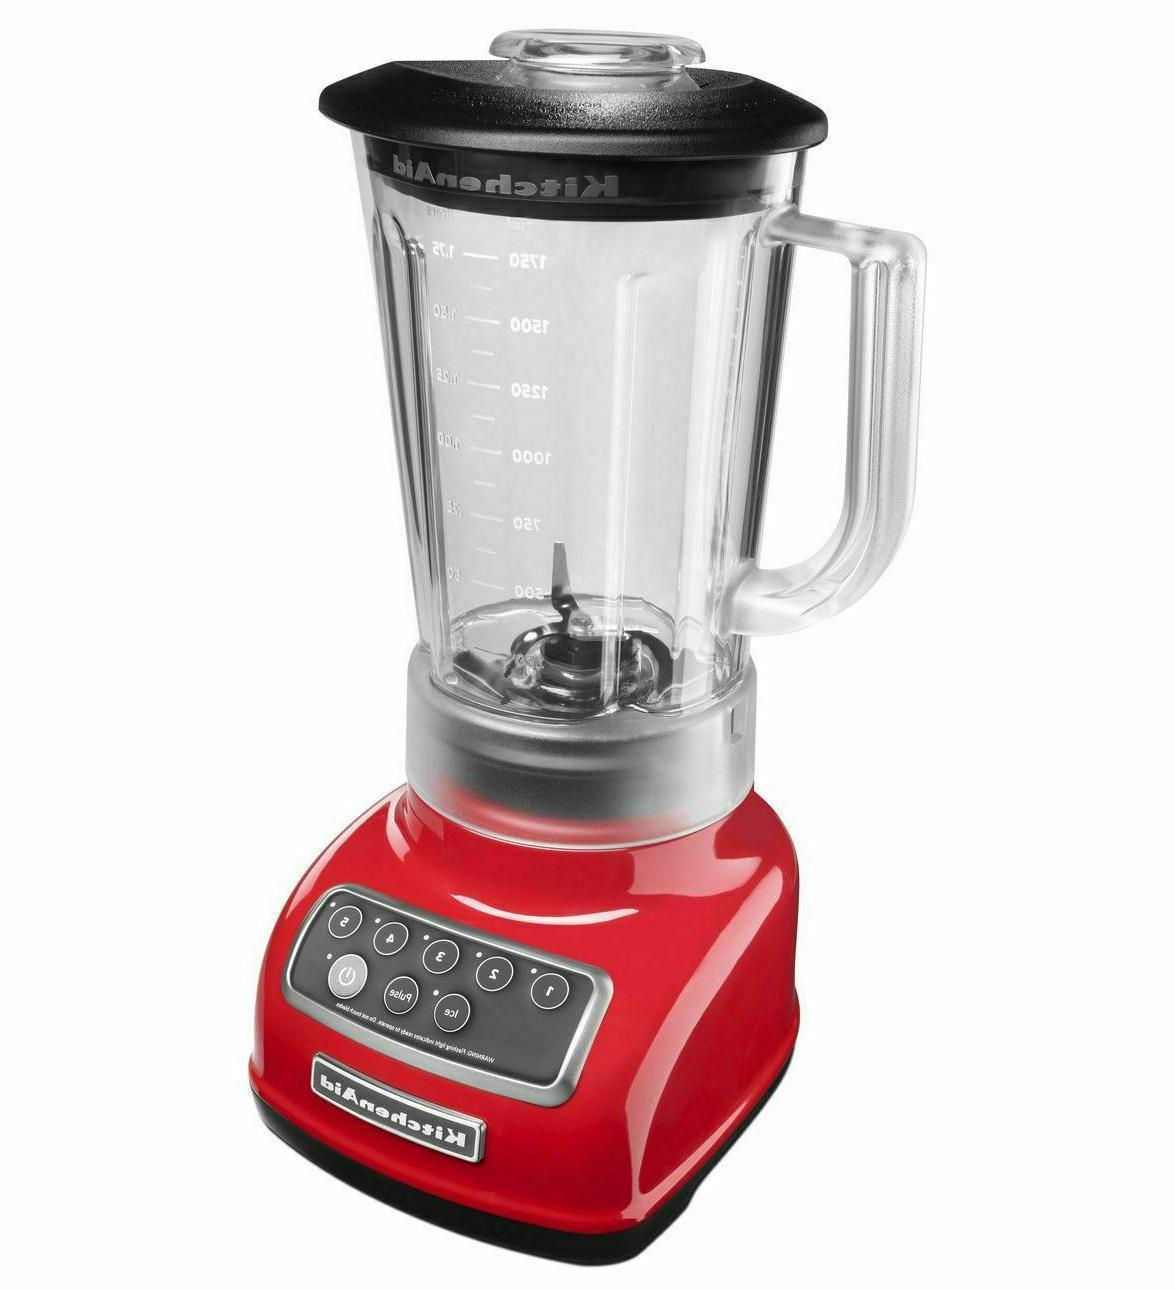 r ksb1570 5 speed blender diamond pitcher